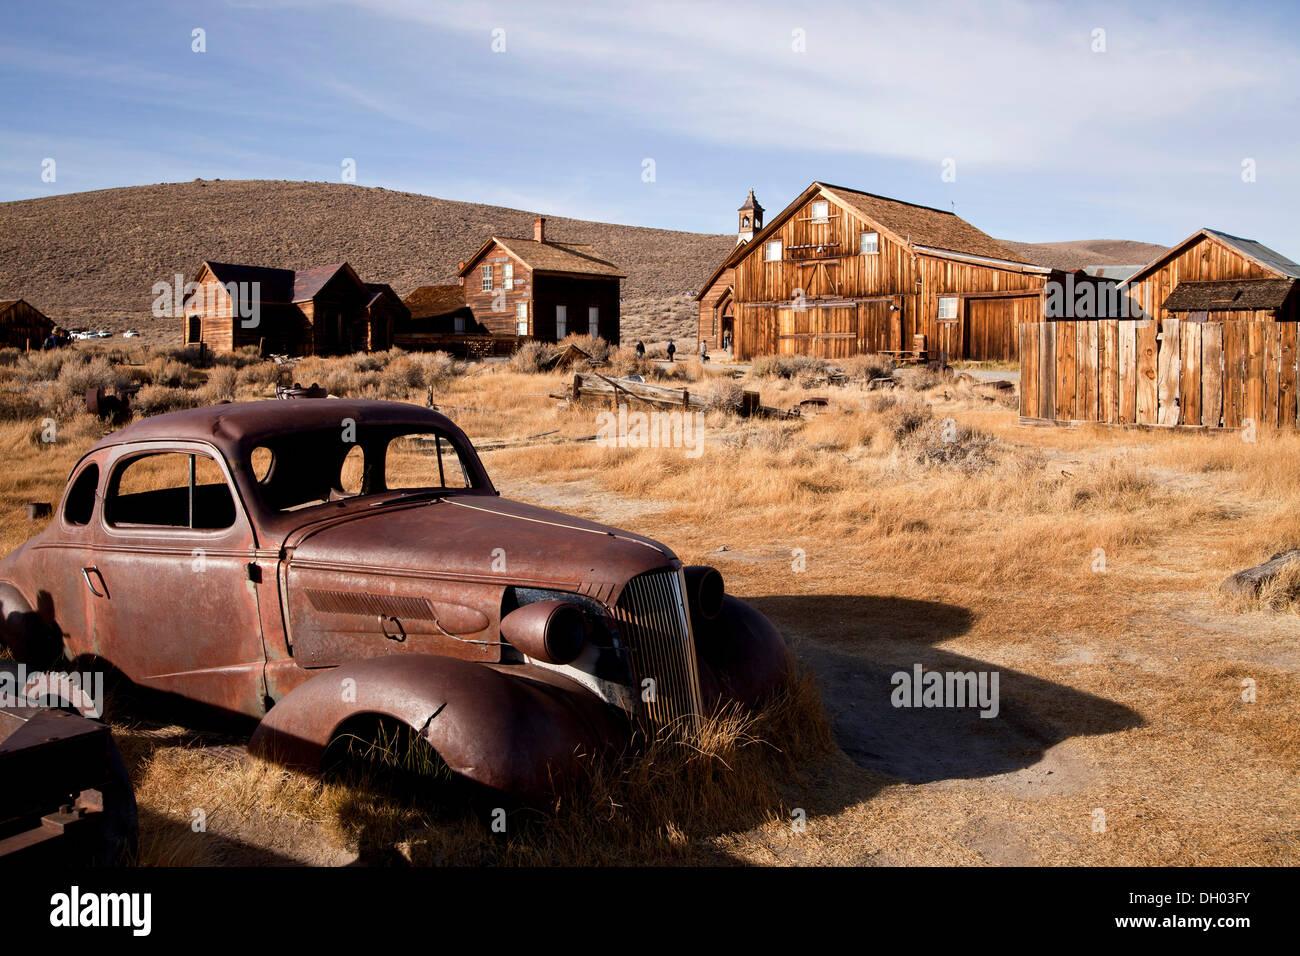 Ciudad fantasma de Bodie, Bodí, California, Estados Unidos Imagen De Stock